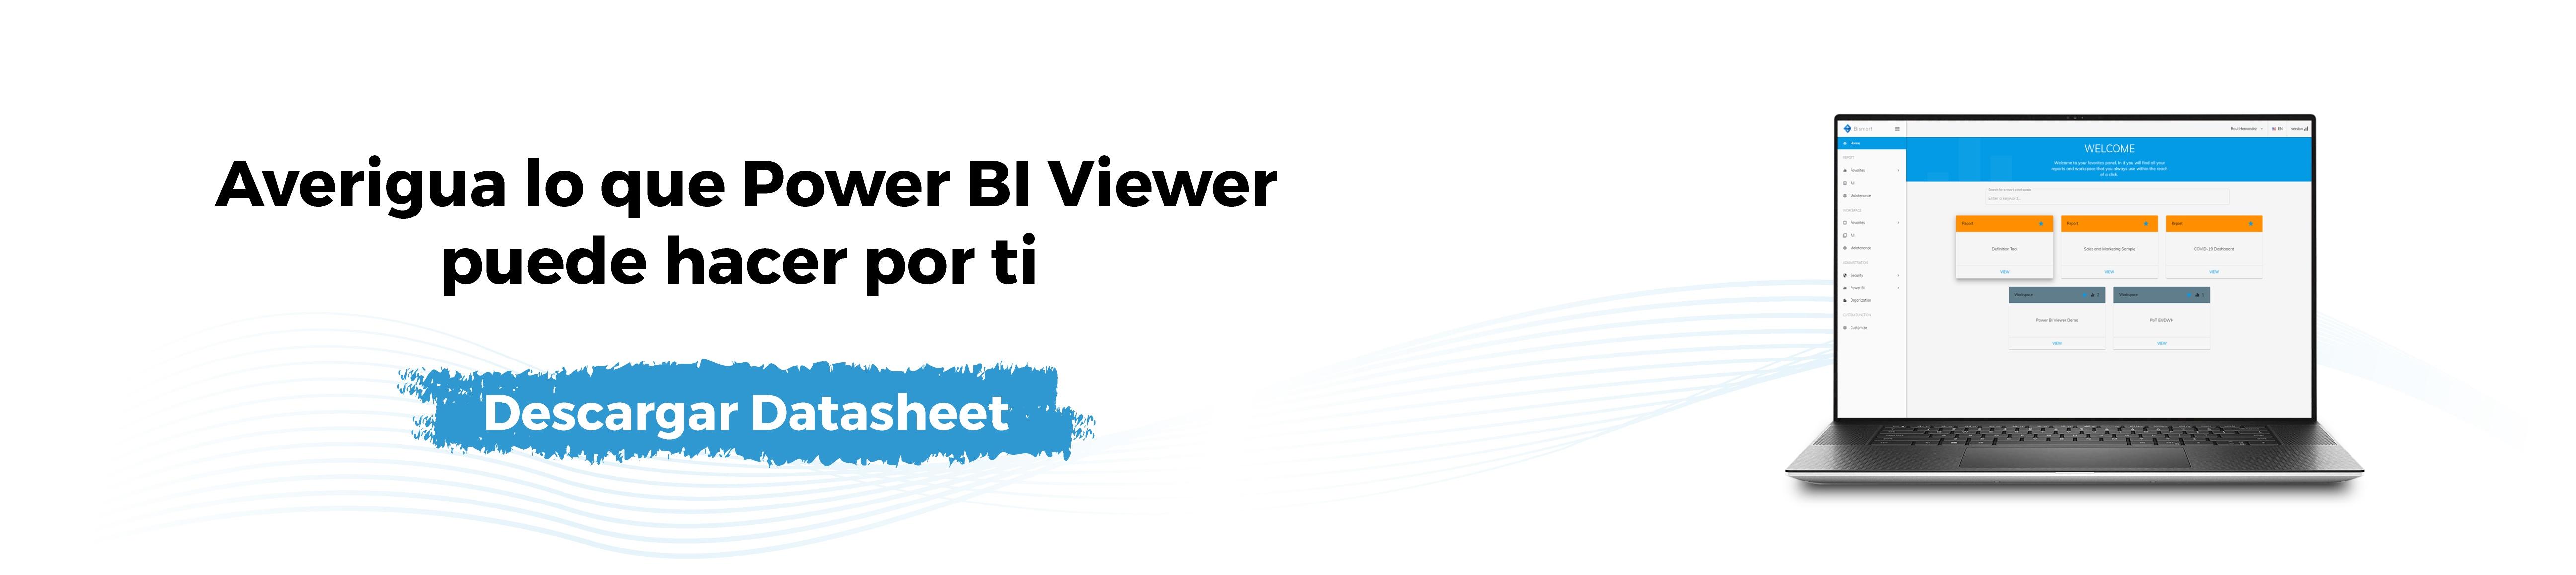 powerbi-viewer-cta